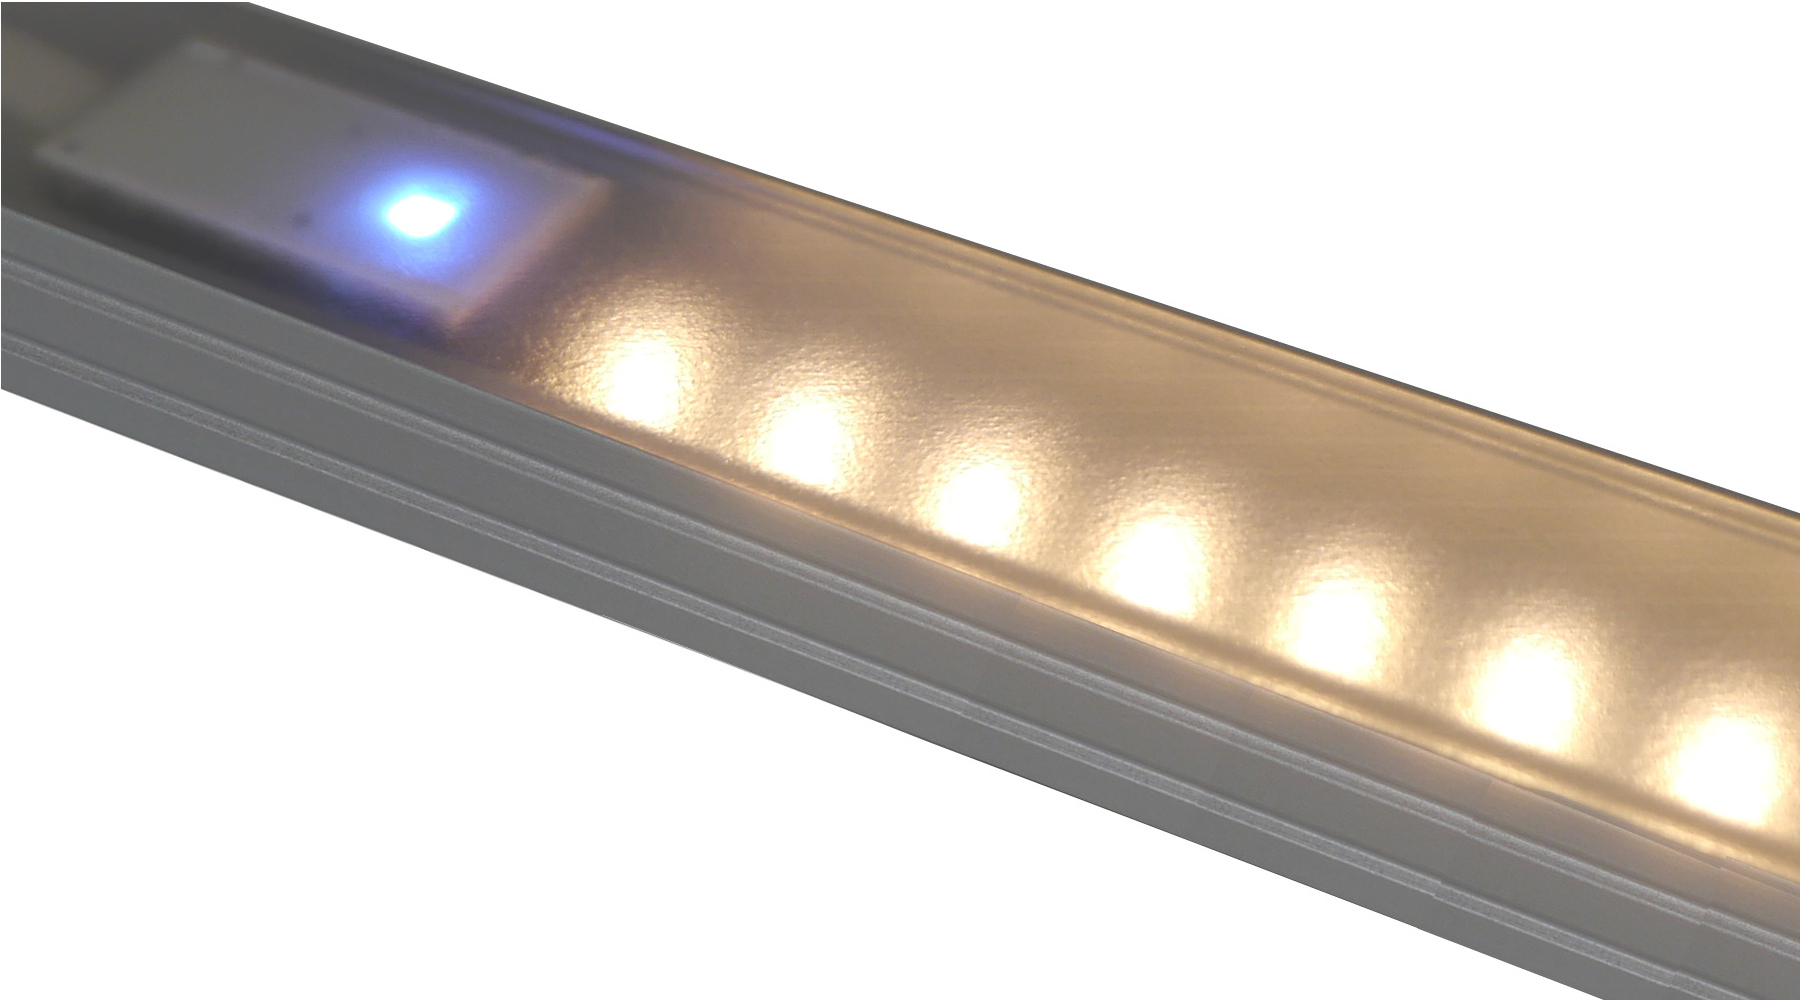 power LED Lichtleiste 2700K warmweiß extrem leuchtstark schmales ...